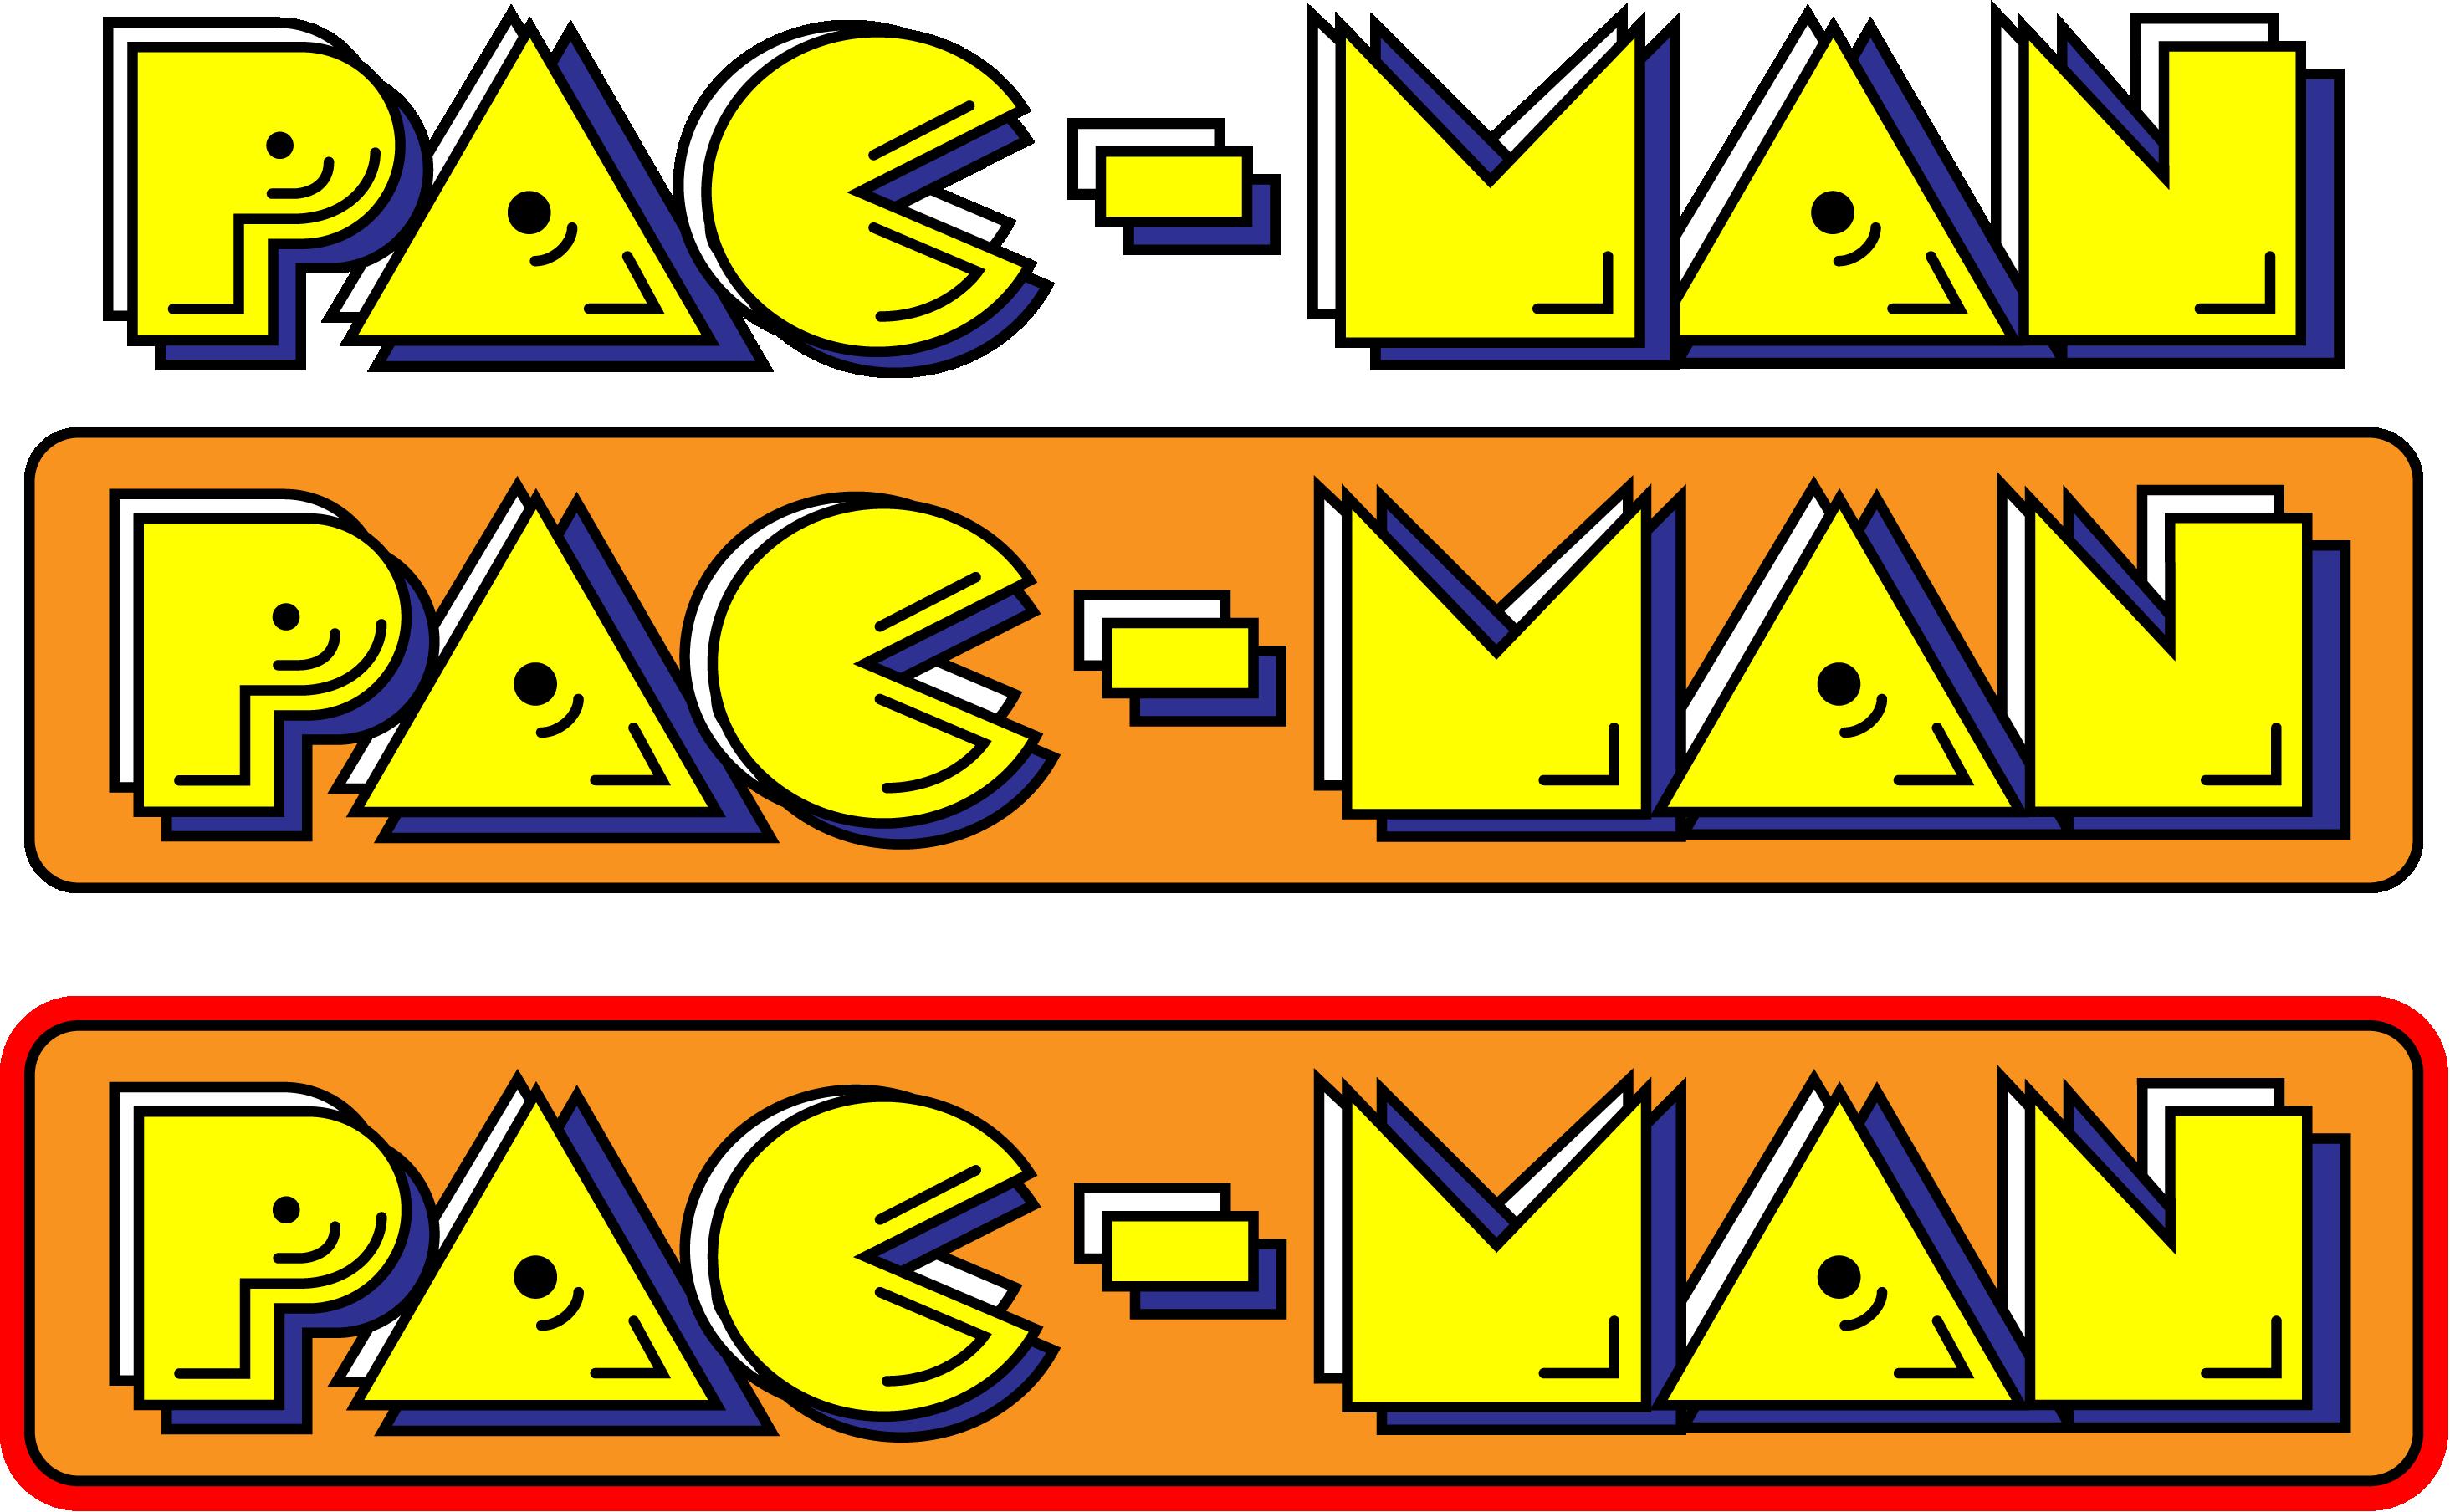 pac_man_logos_01_by_dhlarsond5qqh82.png 2,929×1,808